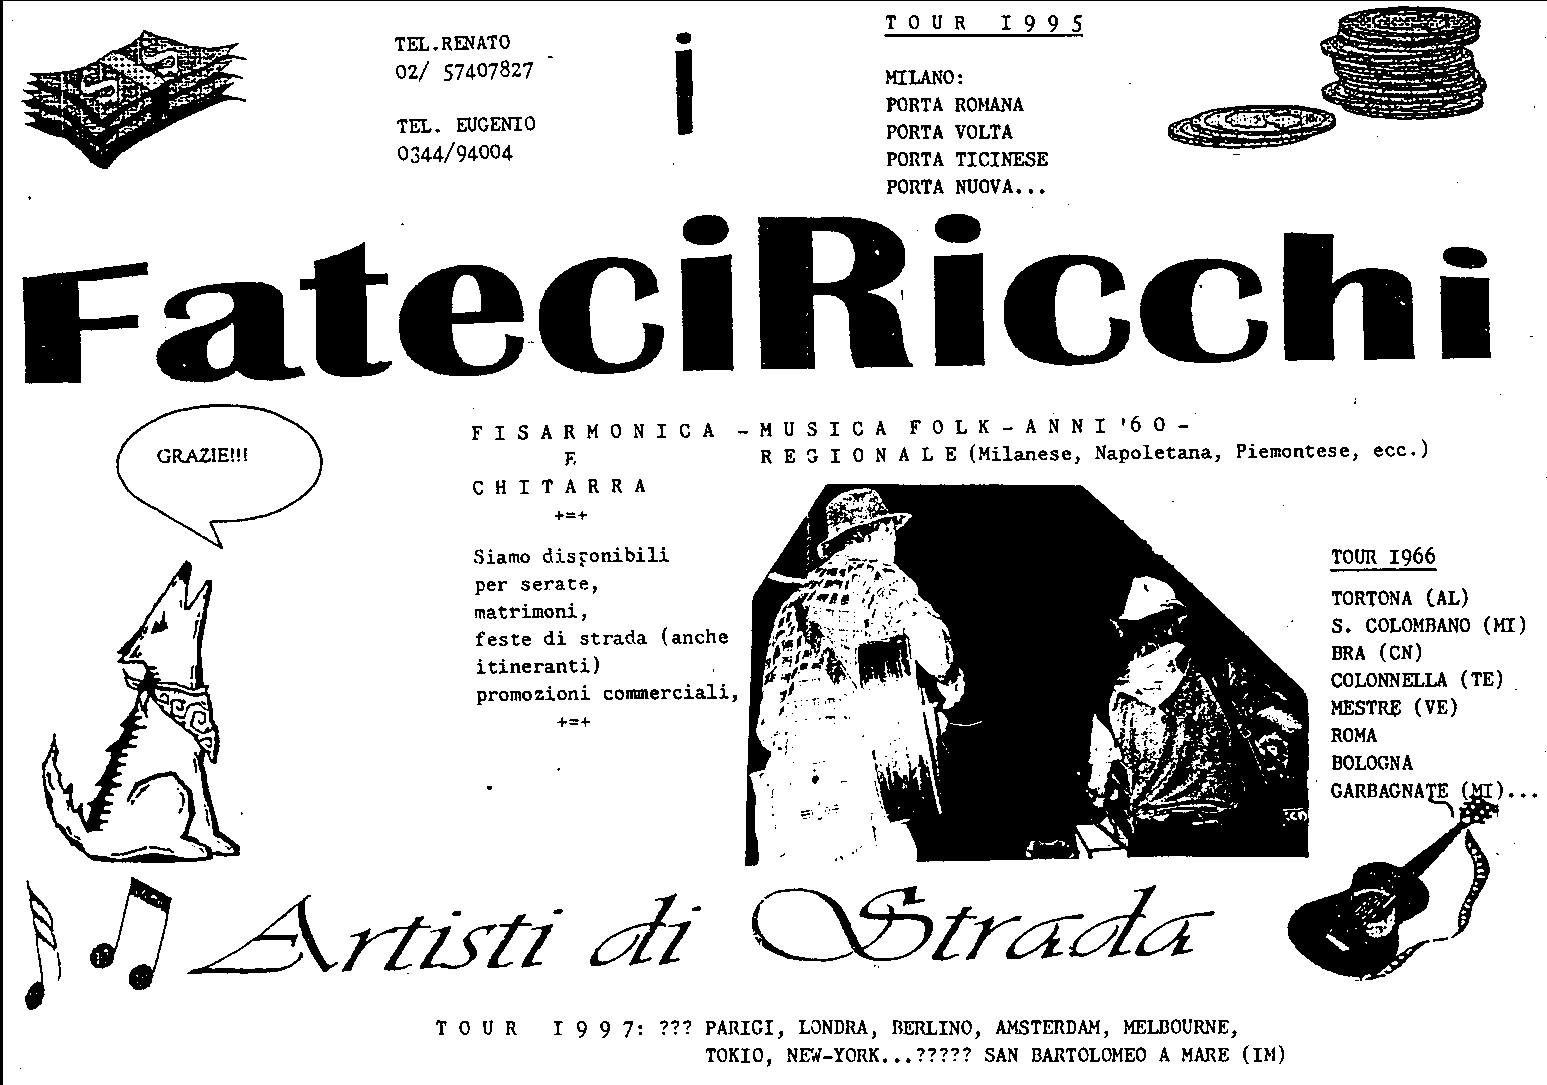 """Volantino pubblicitario de """"I FATECIRICCHI"""""""